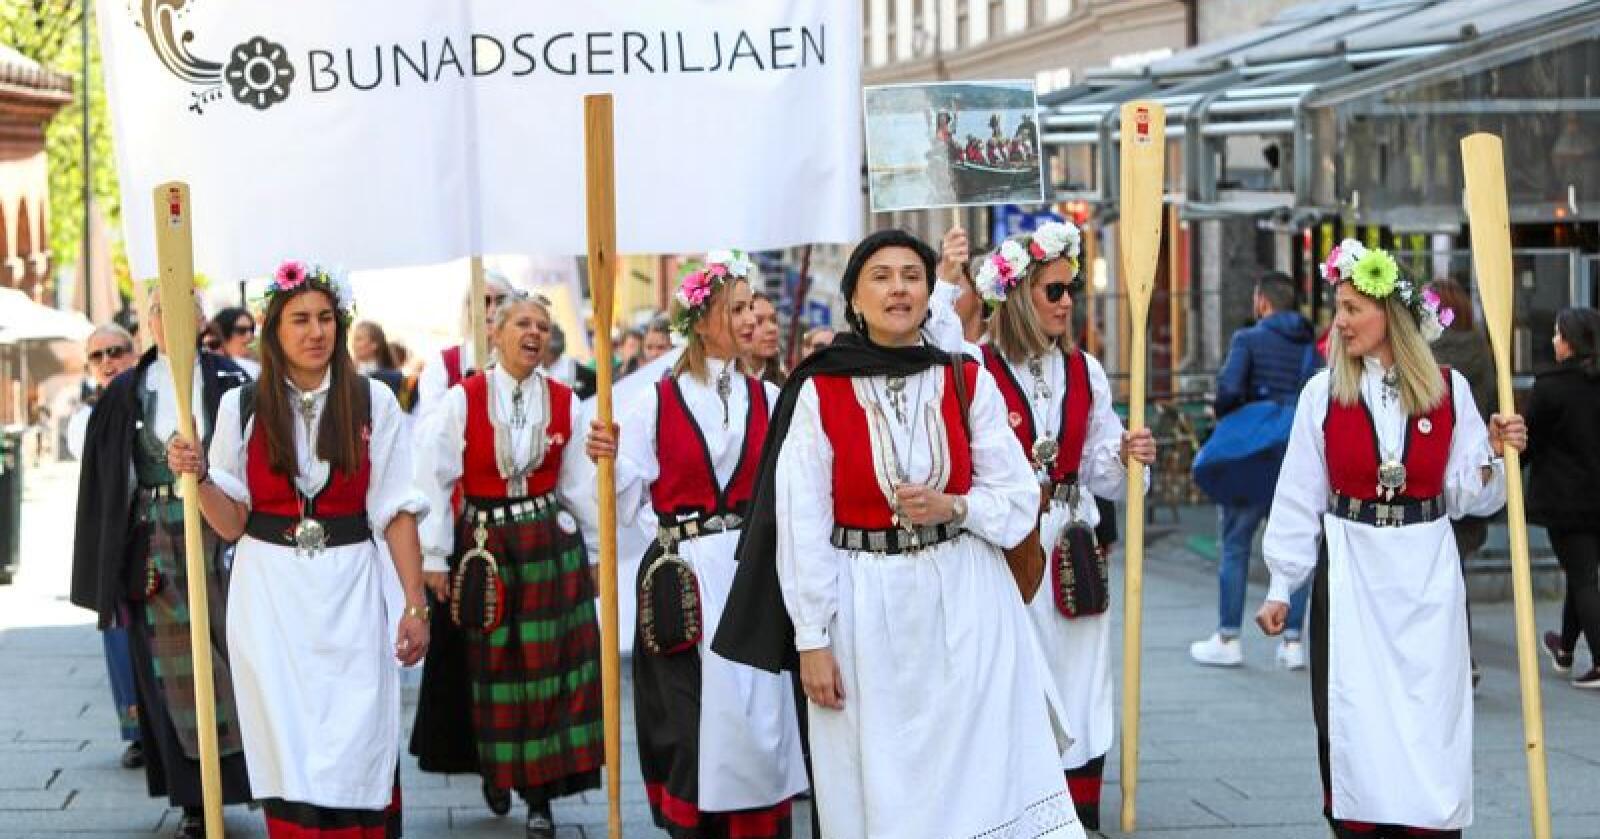 Gerilja: Bunadsgeriljaen, som demonstrerer mot kutt og nedleggelser i distriktene, har spredd seg  til hele landet. Her fra en demonstrasjon i Oslo. Foto: Ryan Kelly/NTB scanpix